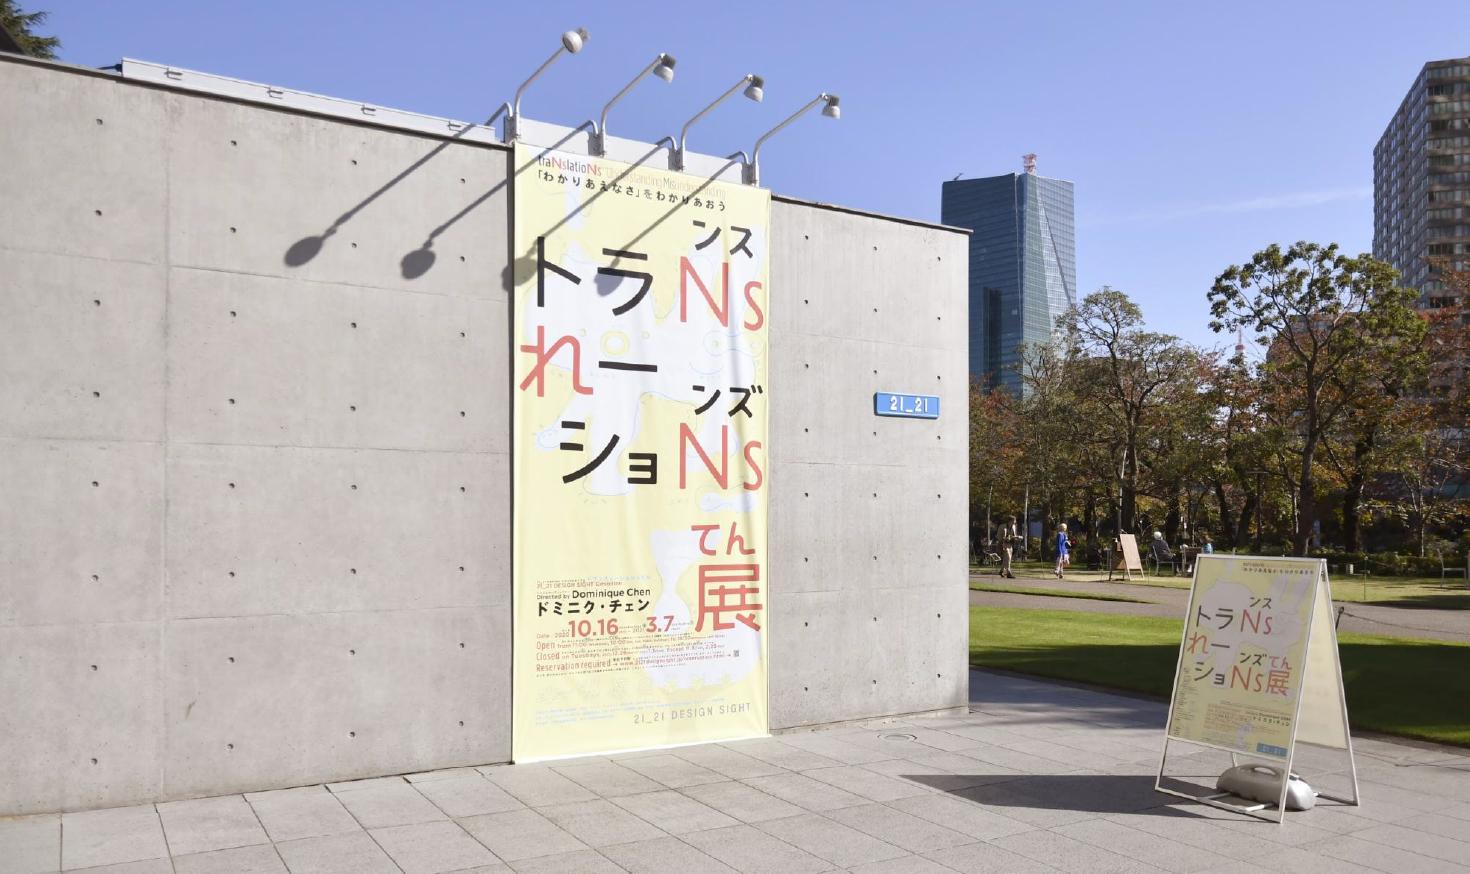 翻訳が生み出すクリエイティビティを探る  「トランスレーションズ展」レポート